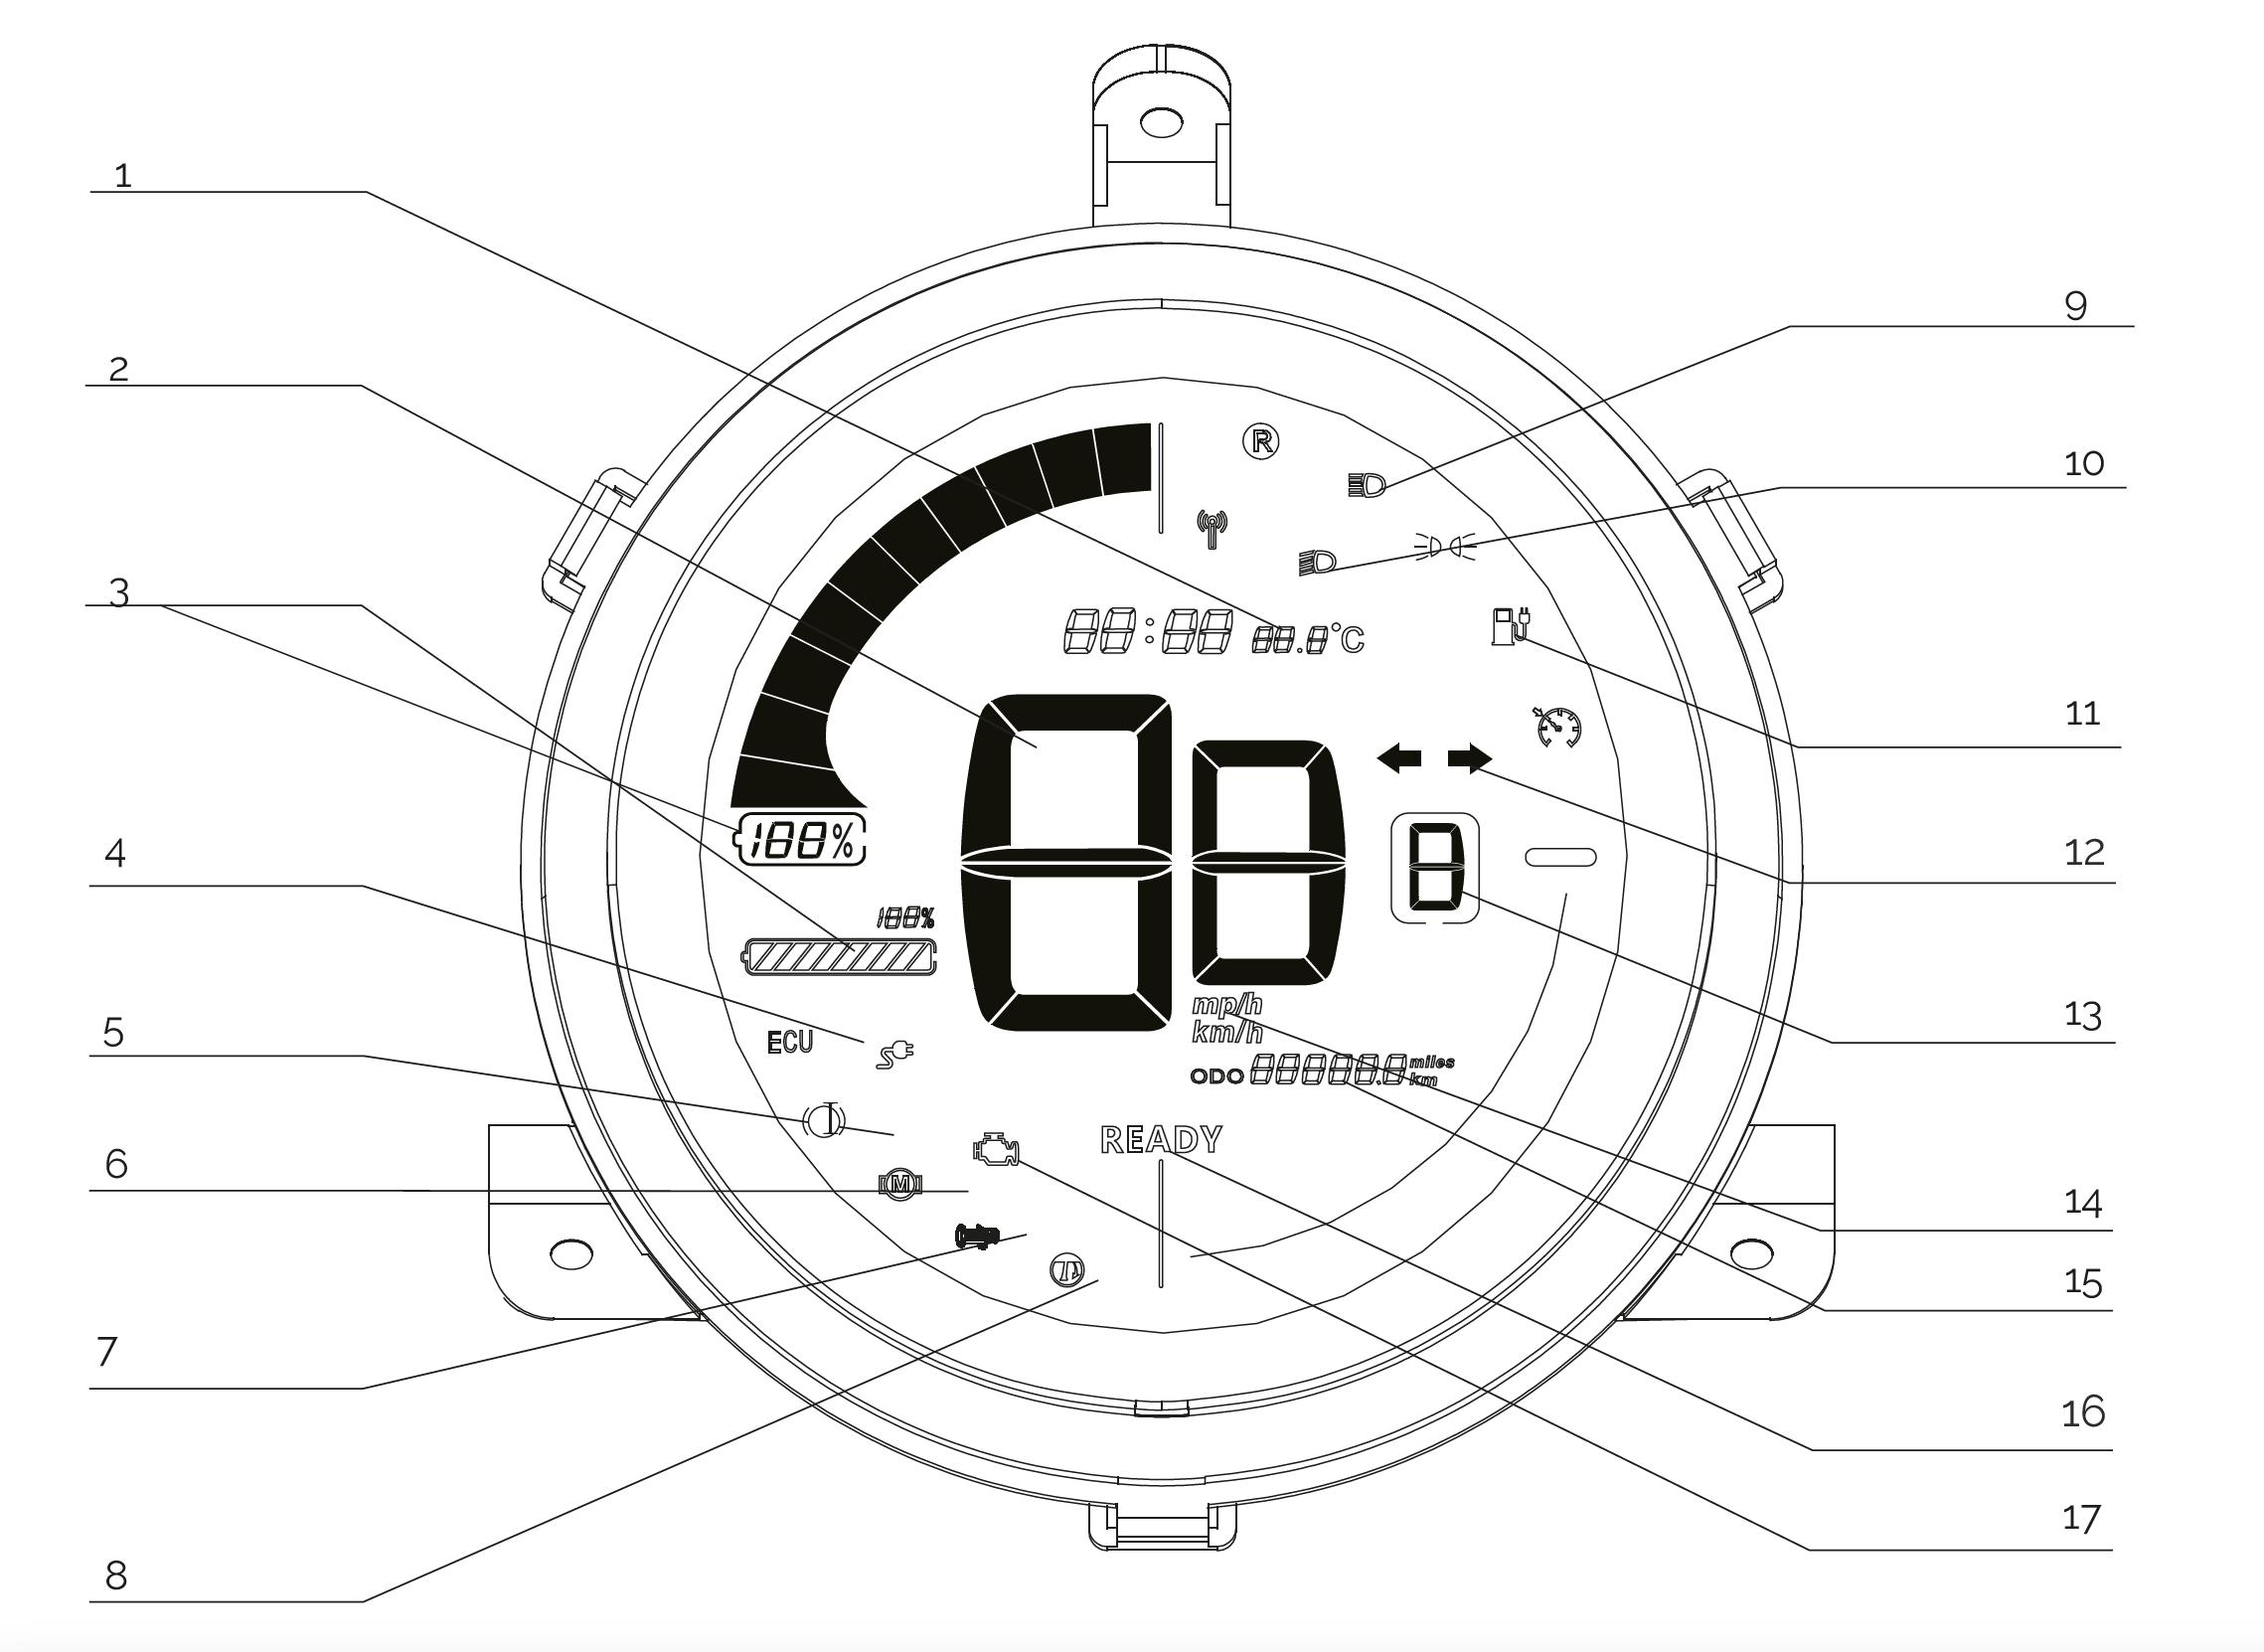 Tacho des Nova Motors S6 max Elektro-Motorrollers